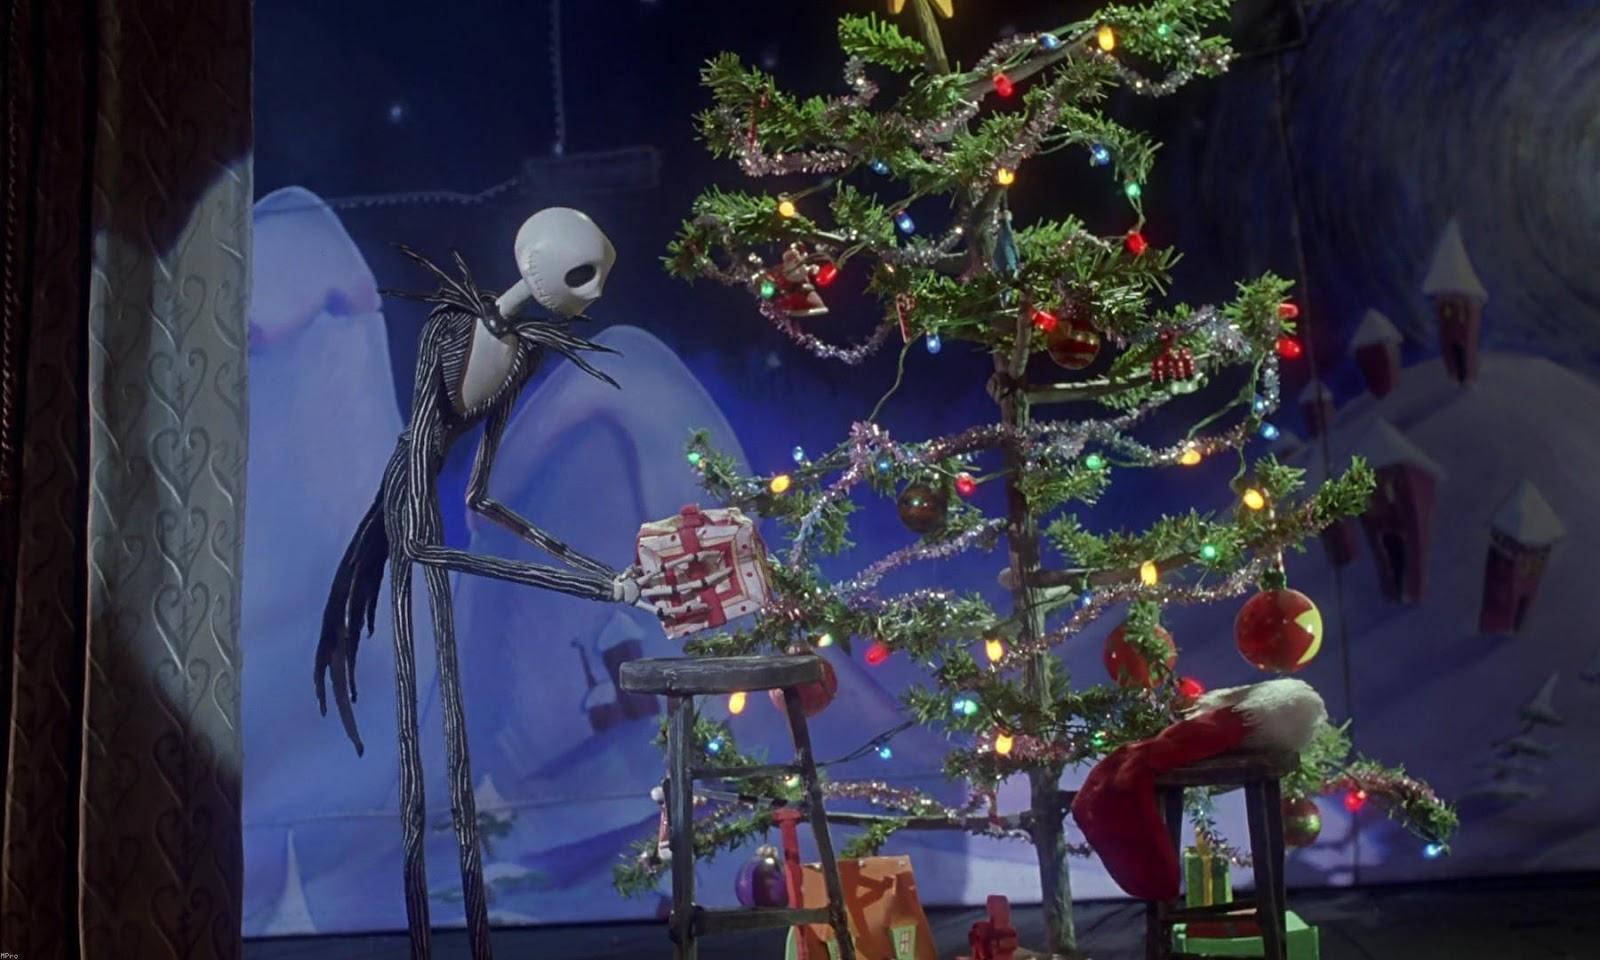 http://4.bp.blogspot.com/-OmSa4ITsYVs/UIeqHOh5USI/AAAAAAAAFFc/A-zECNscYoQ/s1600/the-nightmare-before-christmas-jack-christmas-tree.jpg